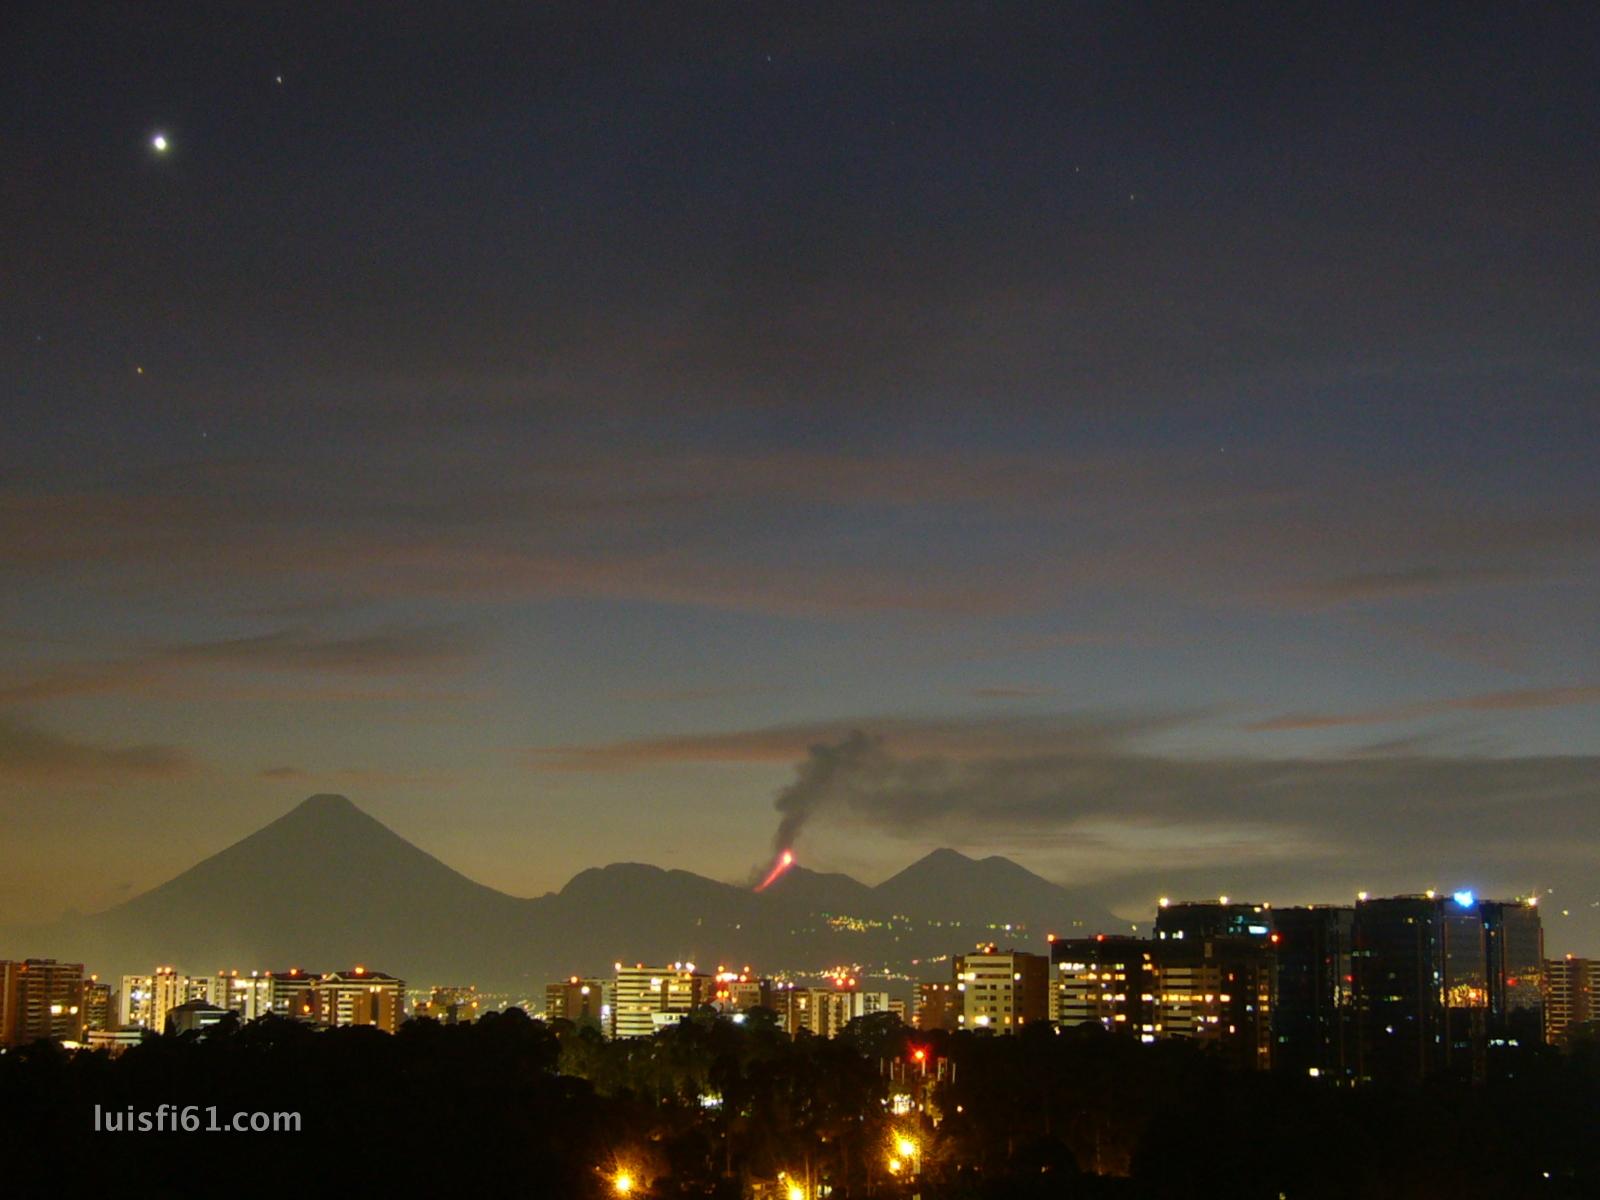 161029-volcan-de-fuego-venus-luis-figueroa